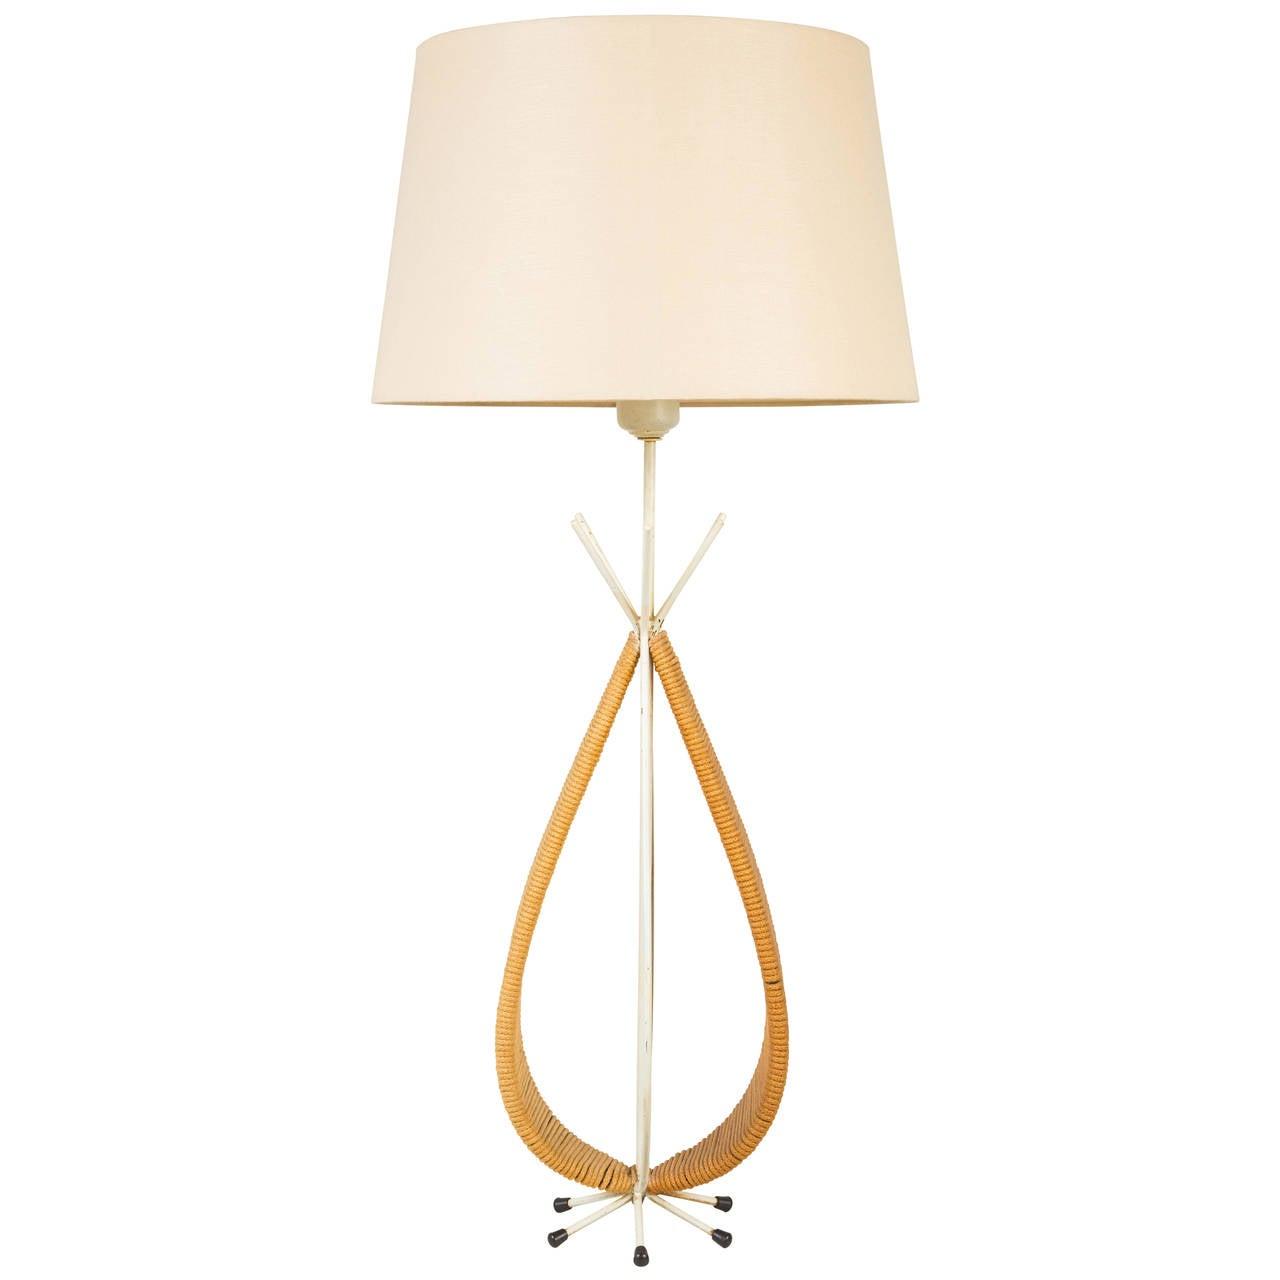 Tony Paul Table Lamp